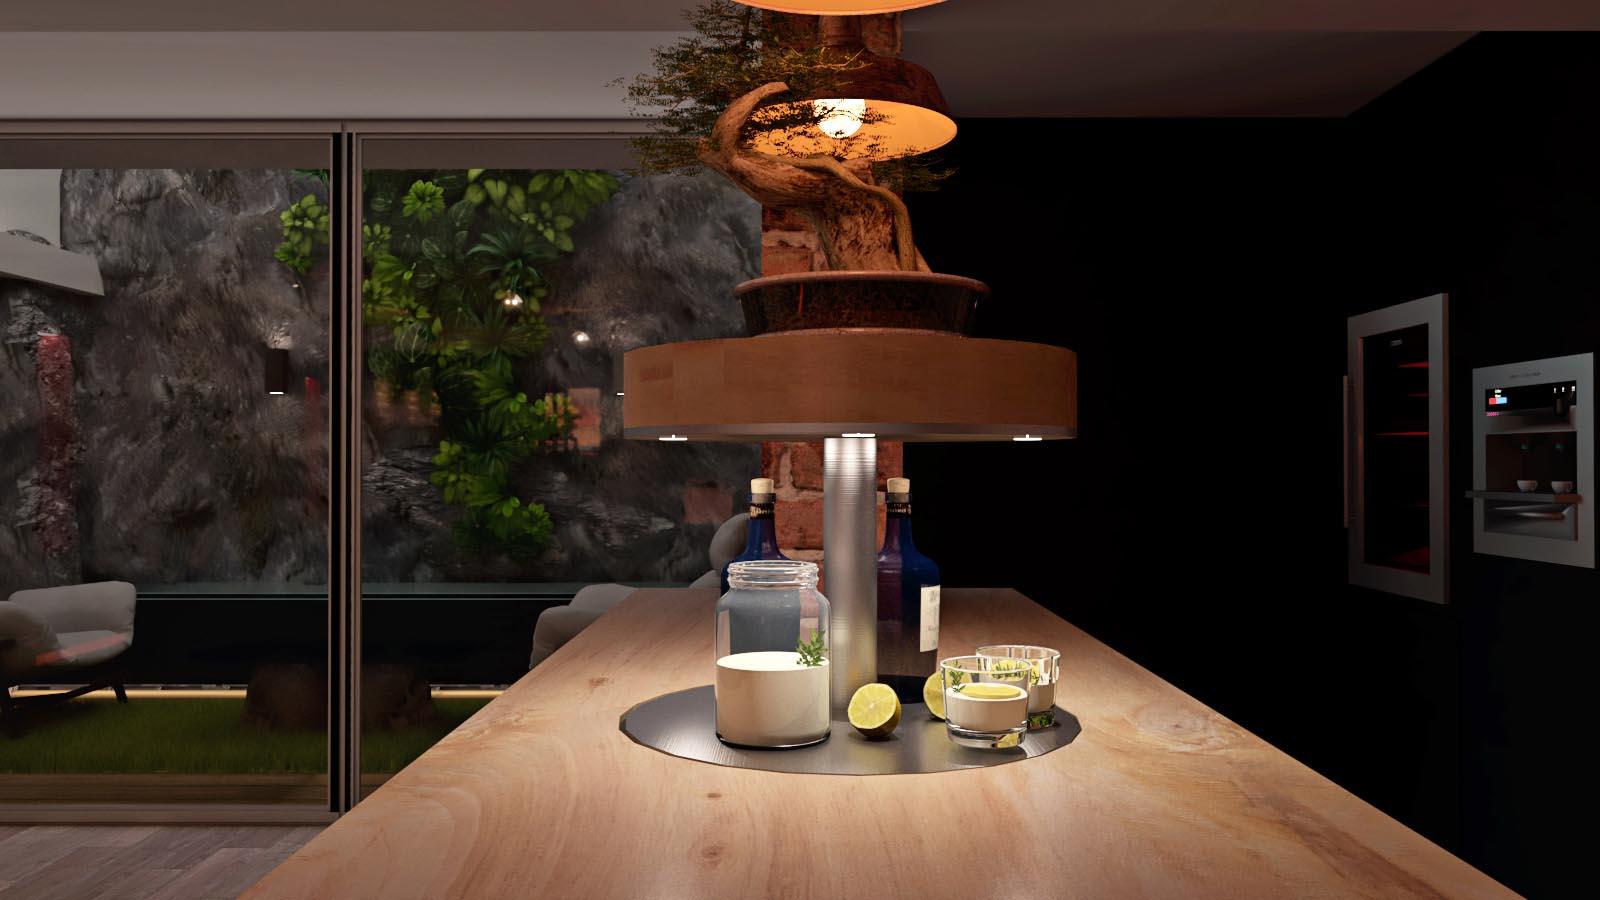 36 bk Design Projet Nancy Loft Kyou v308